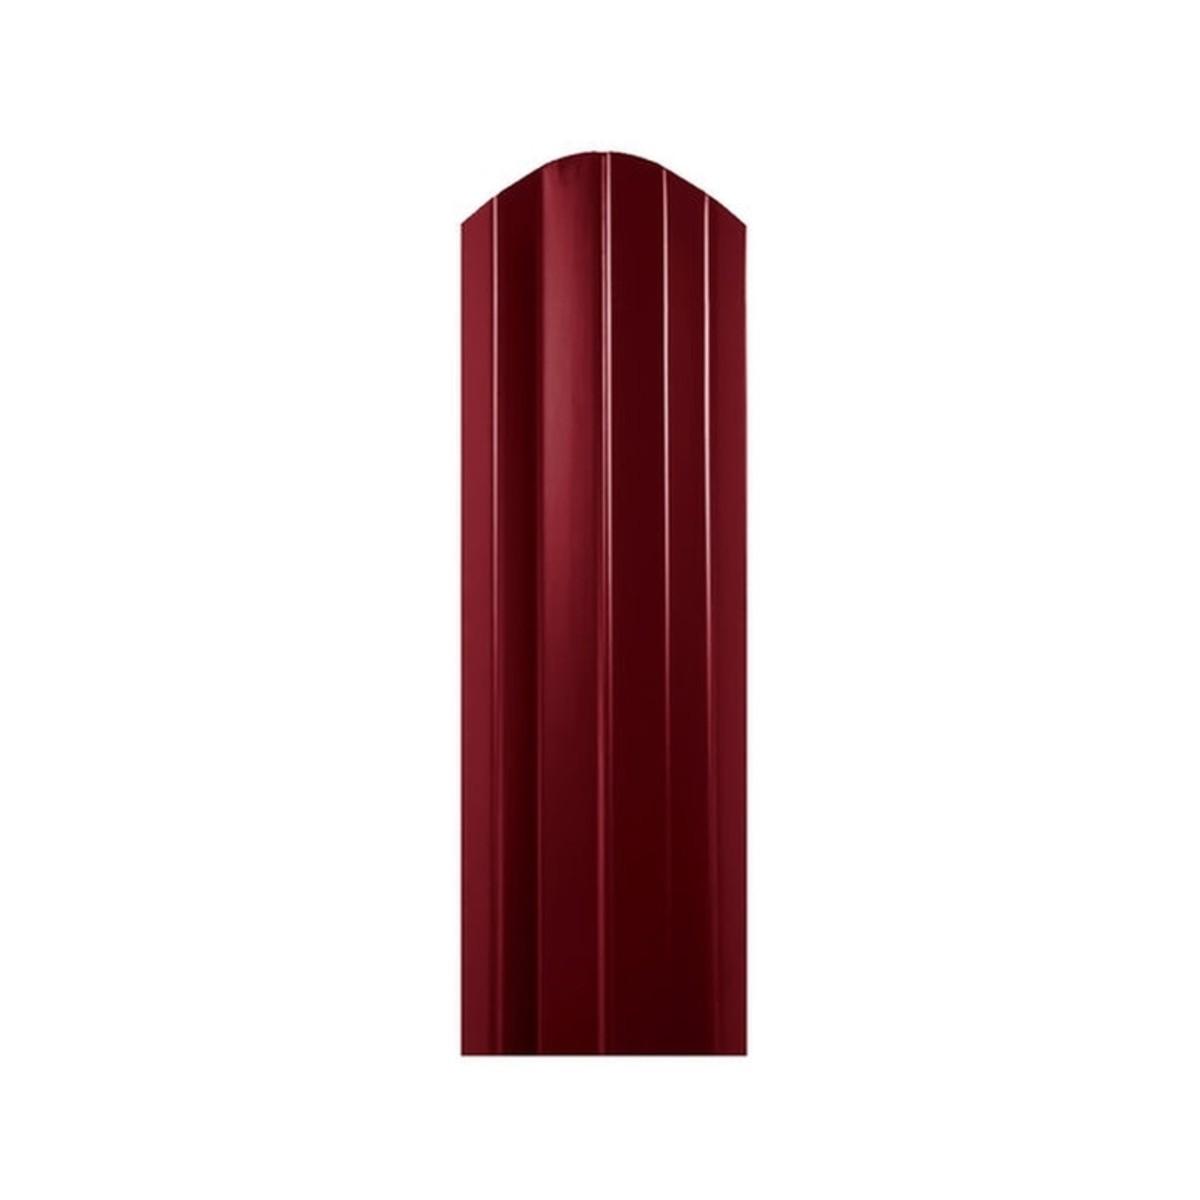 Штакетник СТ-М 100мм 1.5 м двухсторонний вишневый